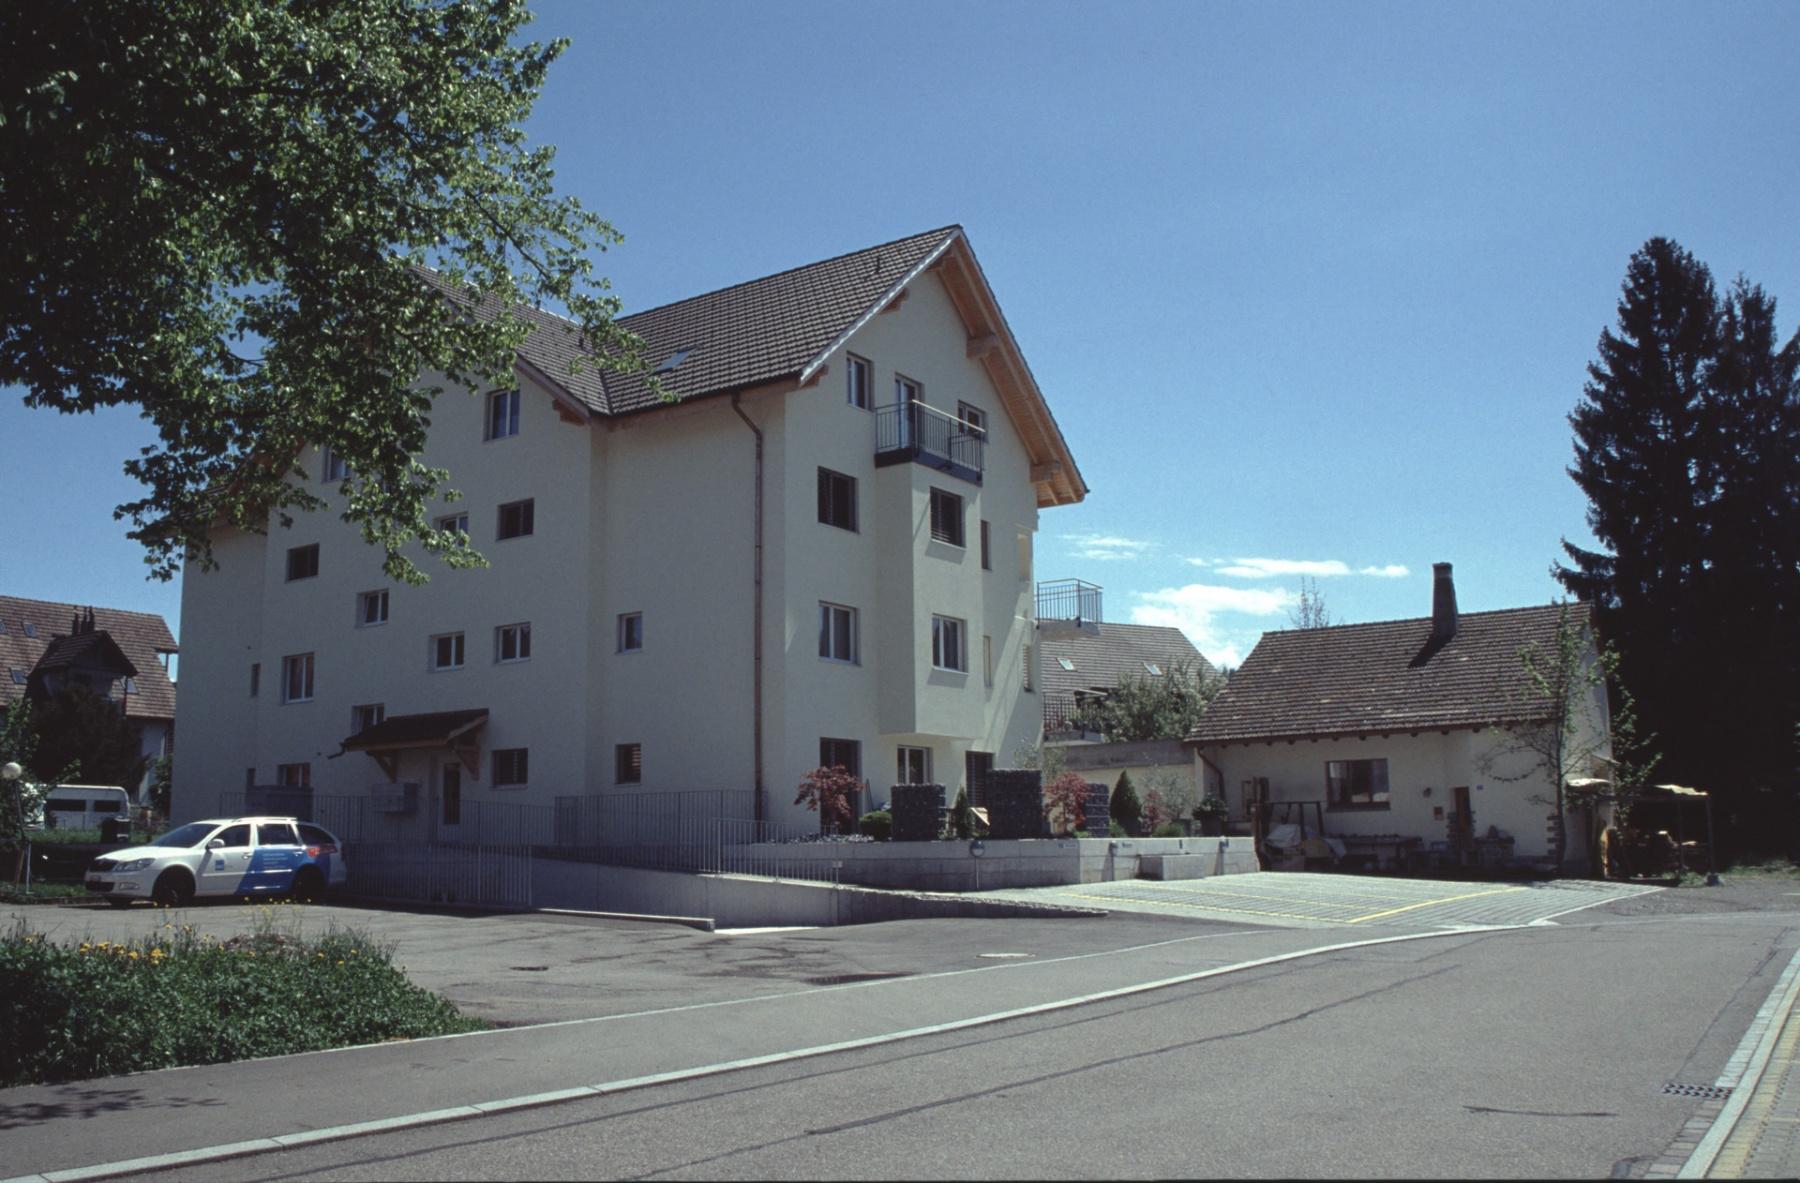 Haus Boito + Neues Wohnhaus Sunier anstelle der Werkhalle